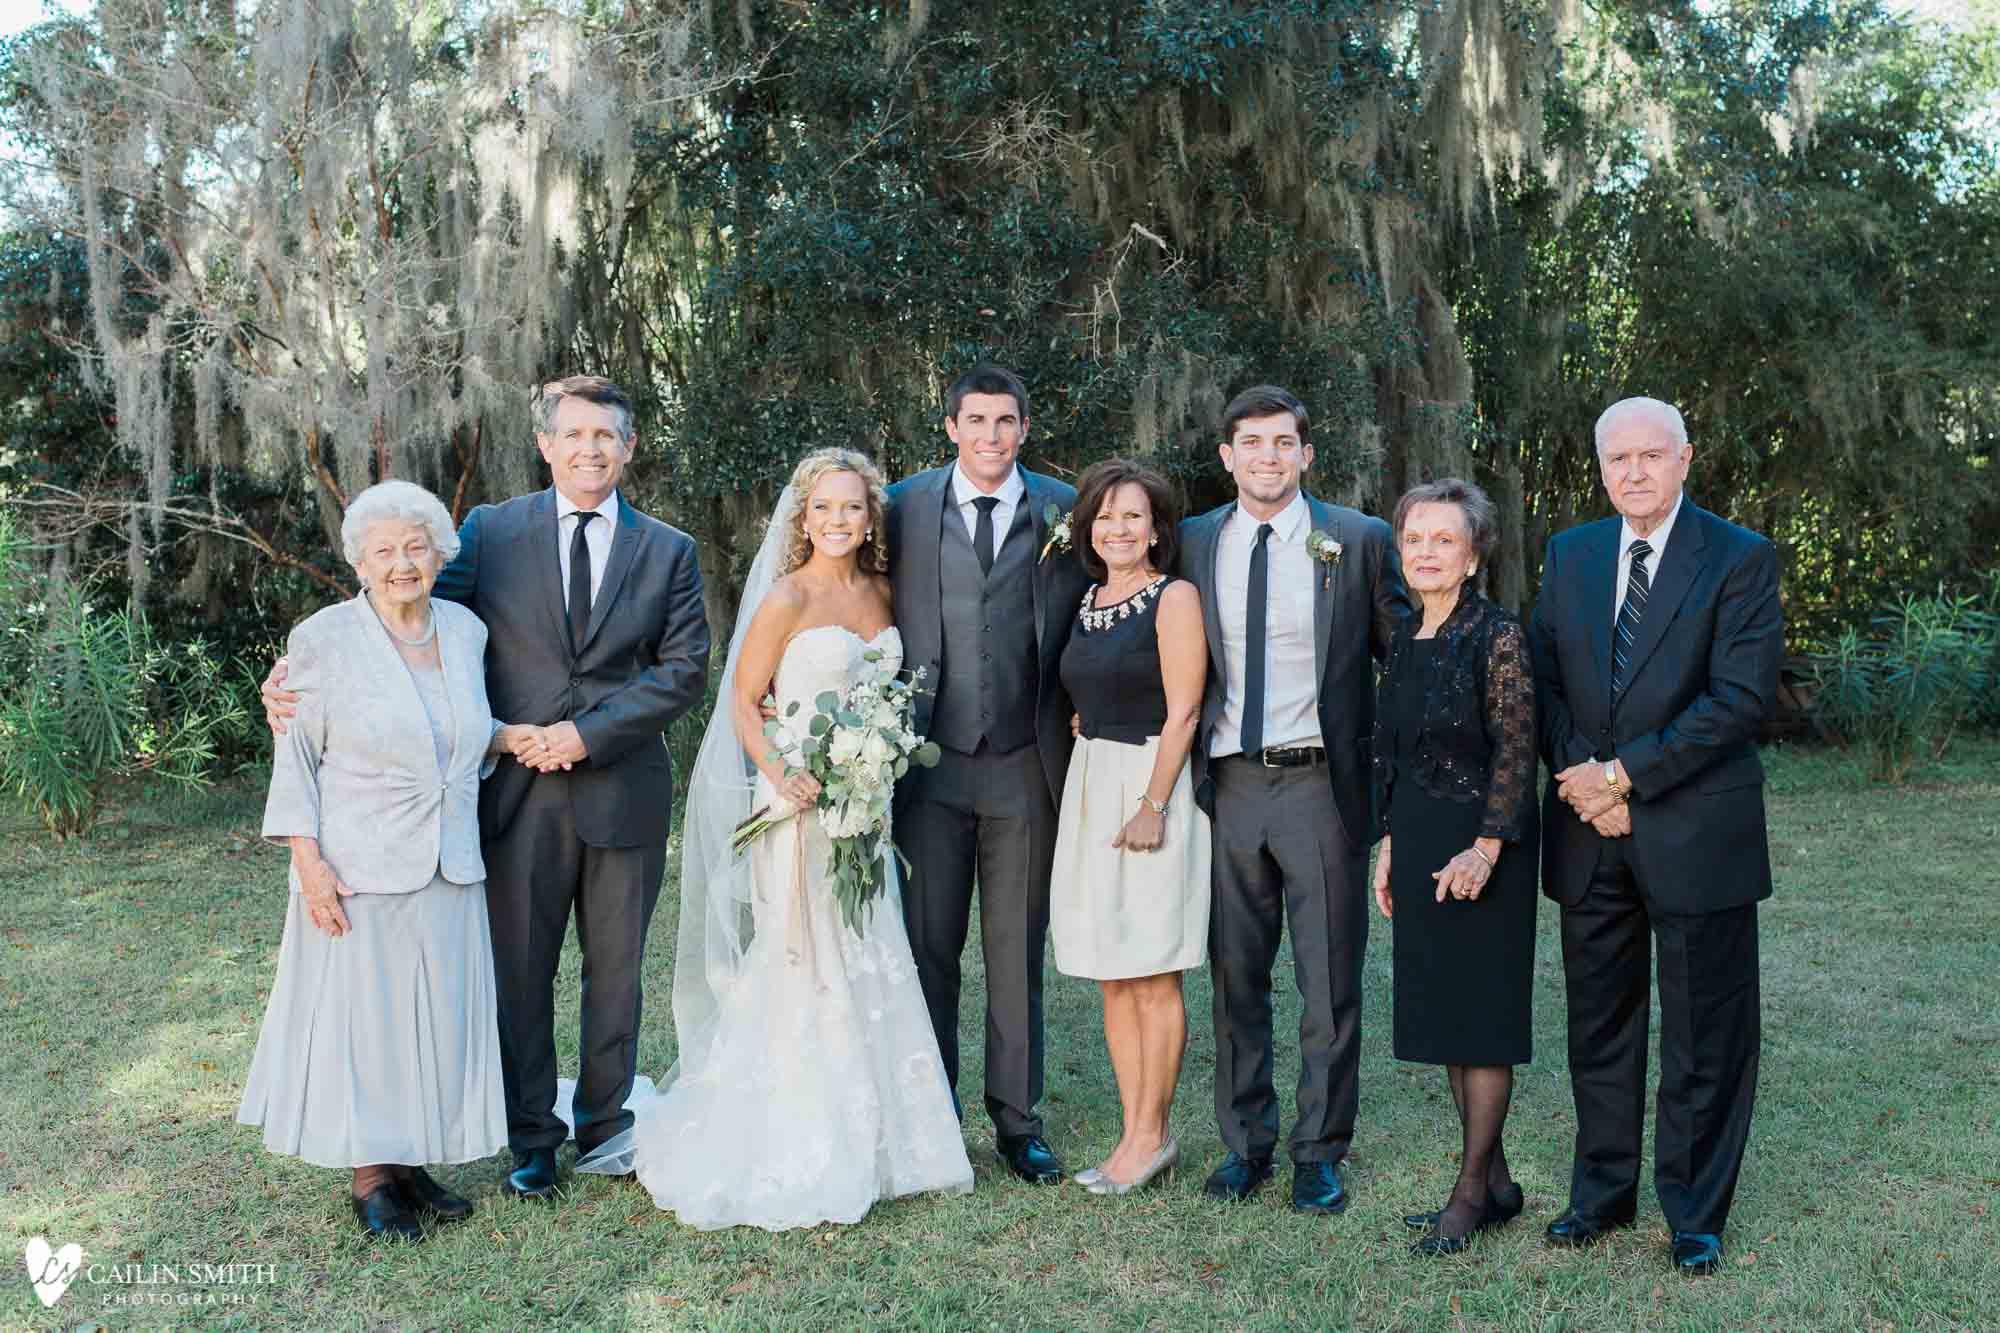 Leah_Major_St_Marys_Wedding_Photography_061.jpg